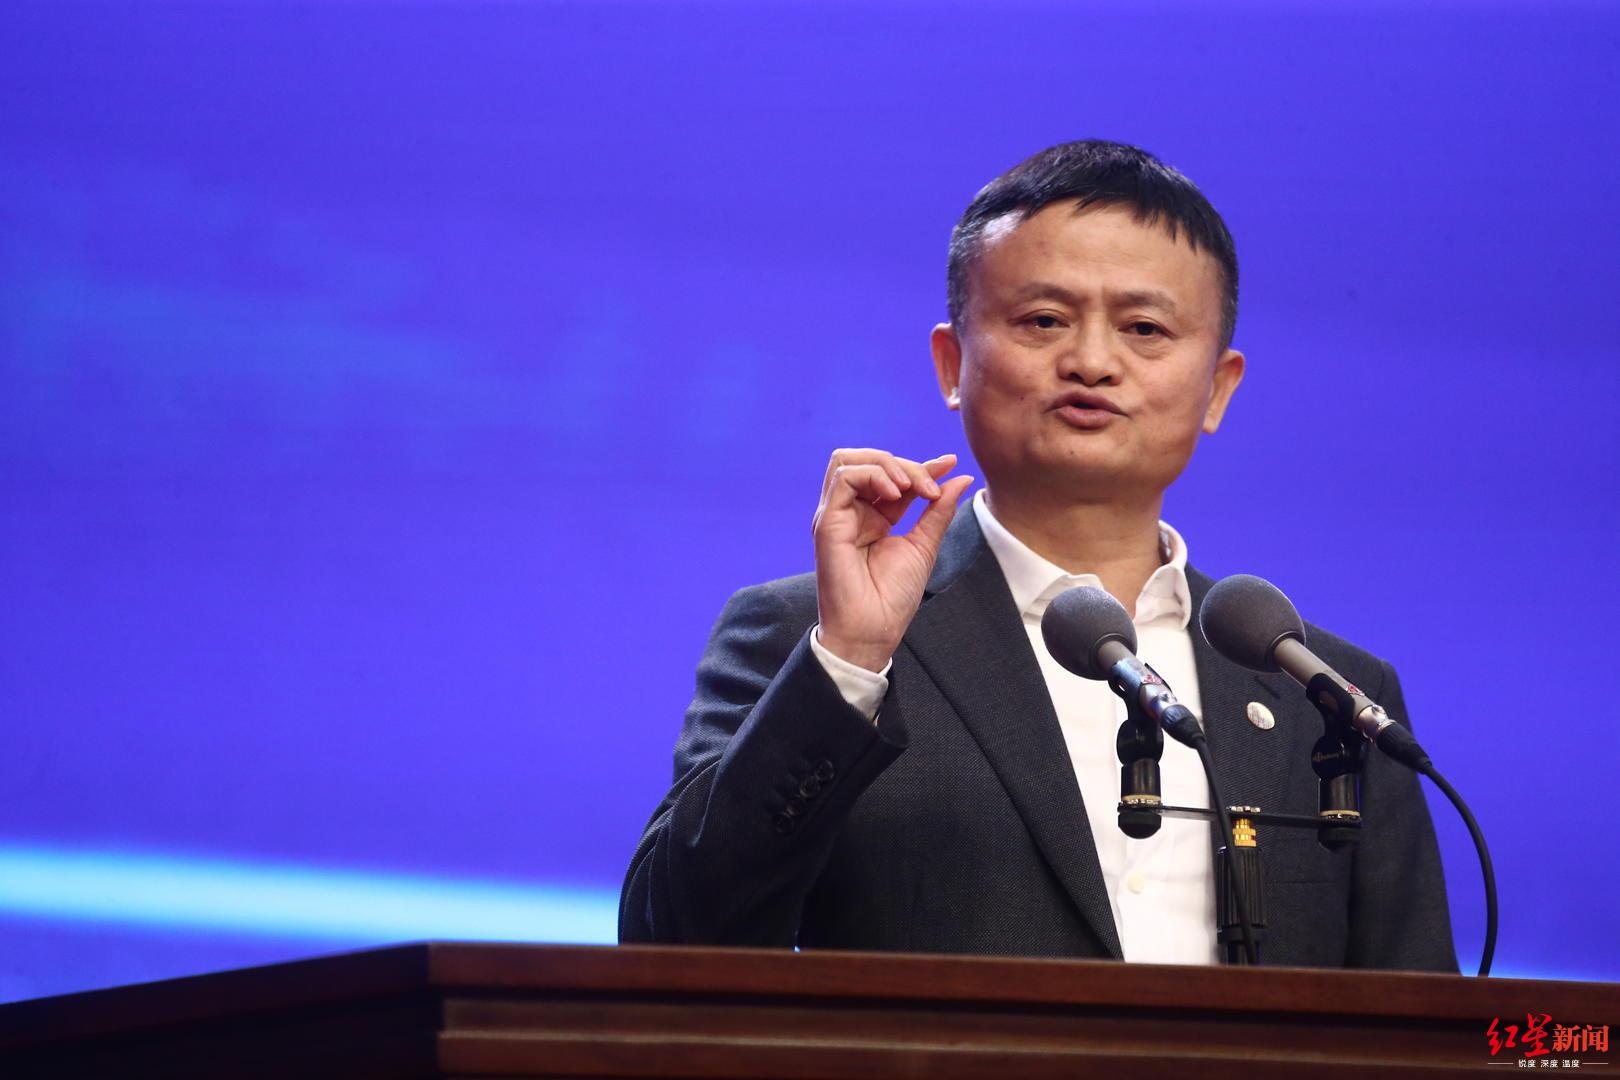 马云浙商大会谈未来:面临三大巨变,给社会各界两点建议